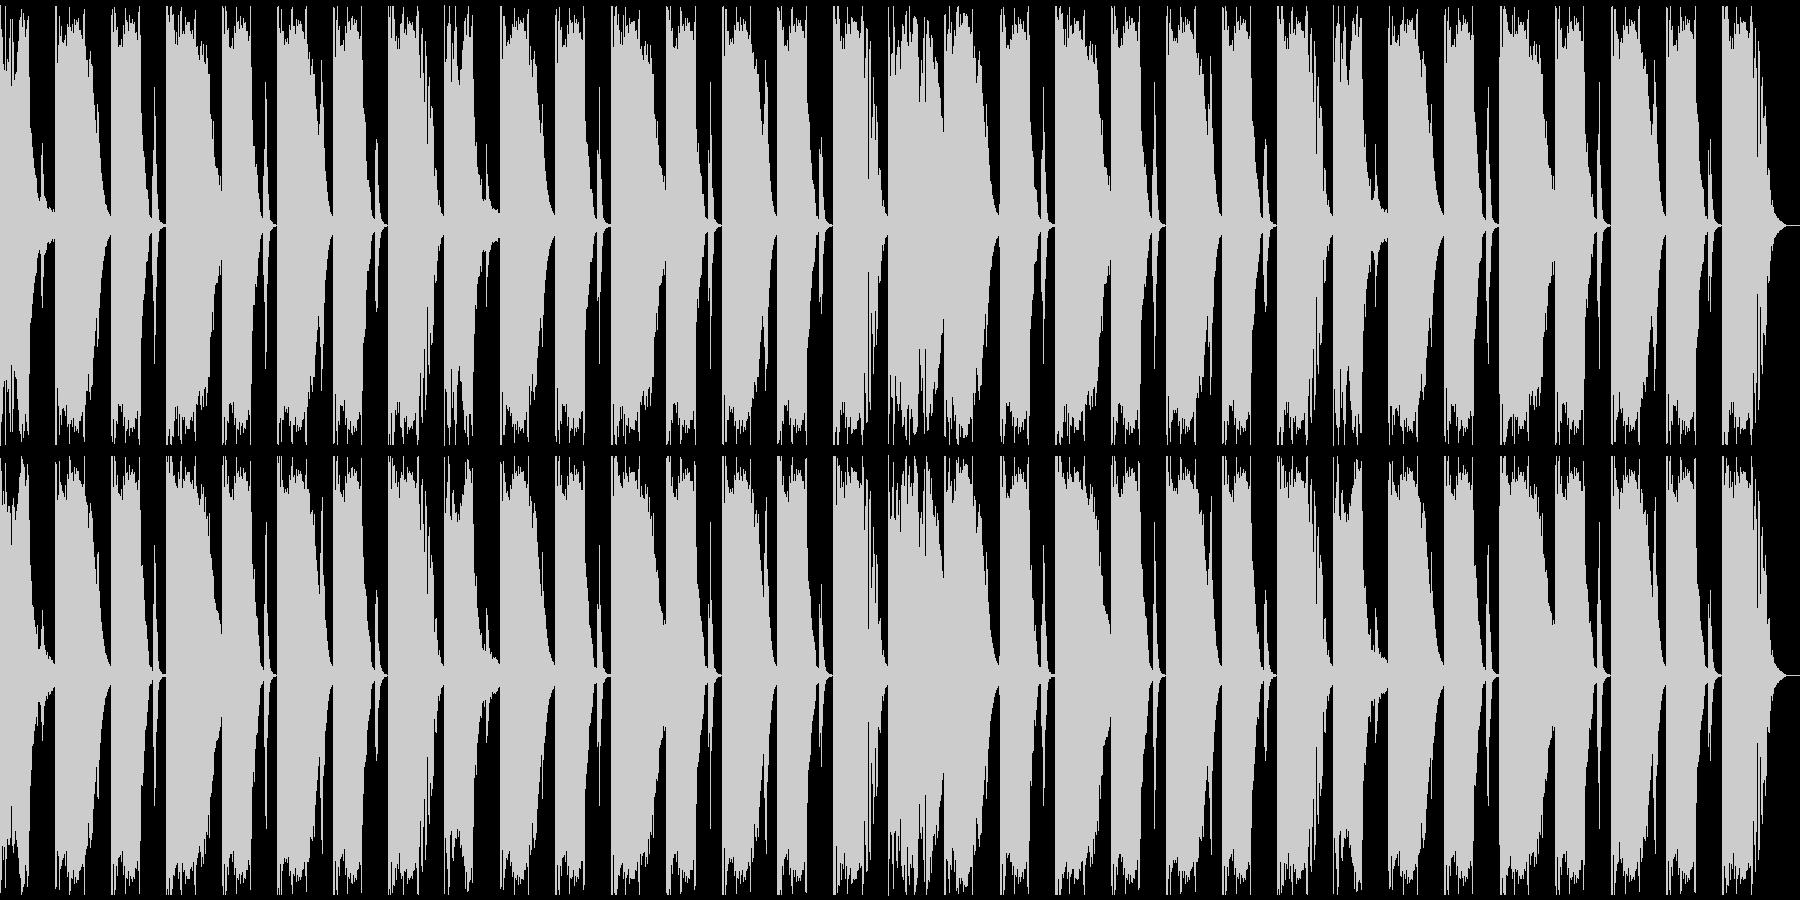 【エレクトロニカ】ロング2、ジングル4の未再生の波形